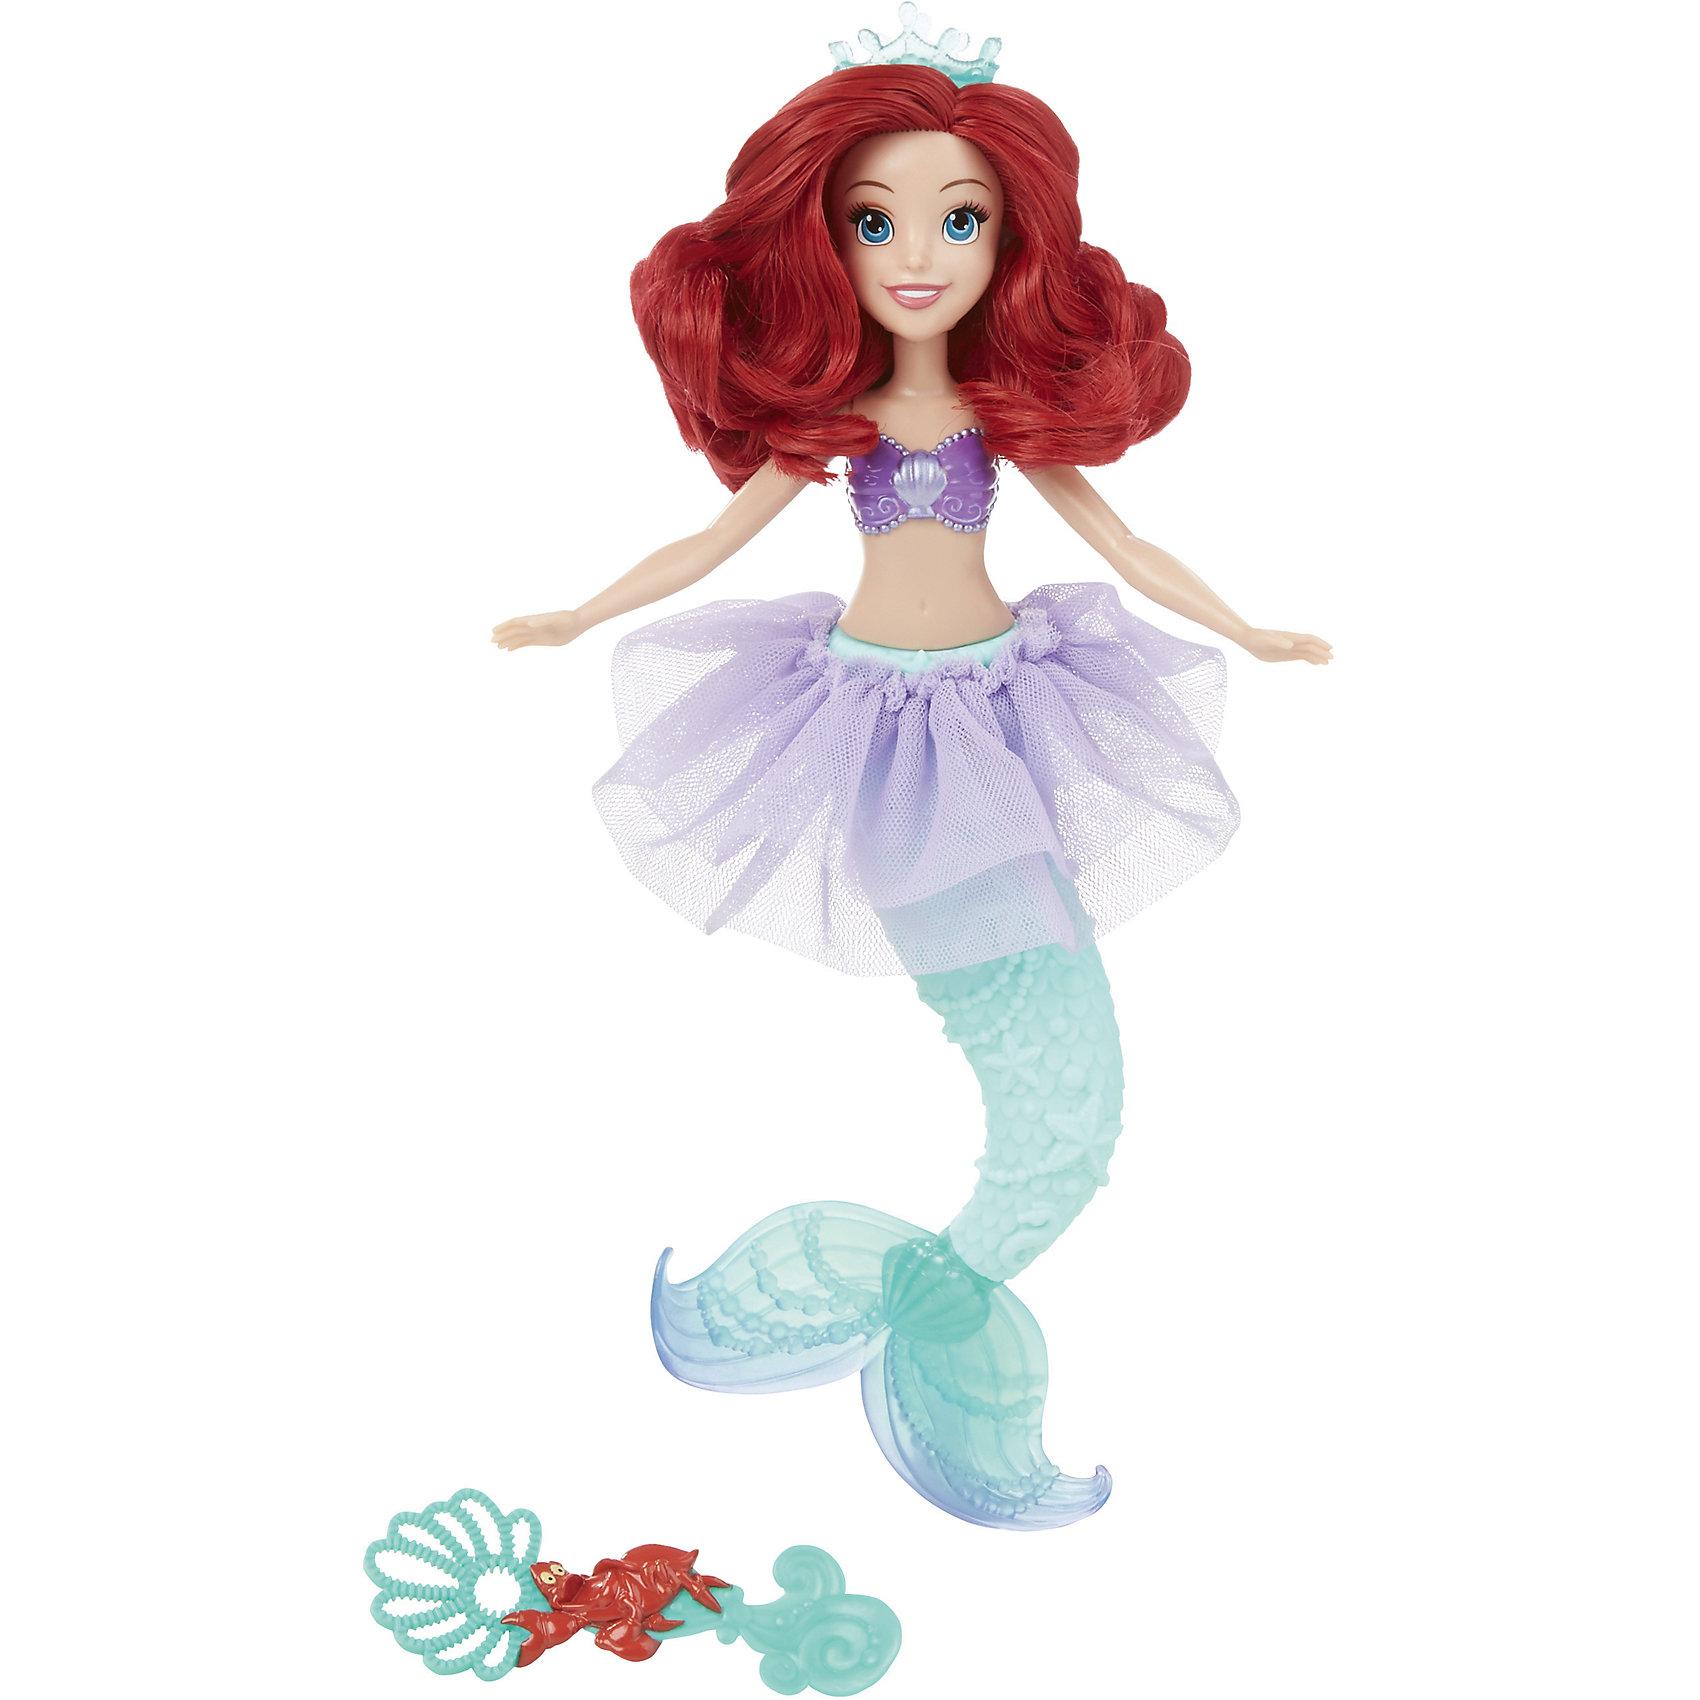 Куклы Принцесса Ариель для игры с водой, Принцессы Дисней, B5302/B5303Куклы Принцессы Ариель для игры с водой, Принцессы Дисней, B5302/B5303.<br><br>Характеристики:<br><br>- В наборе: кукла, ложечка для мыльных пузырей<br>- Раствор для выдувания пузырей не входит в комплект<br>- Материал: высококачественный пластик, текстиль<br>- Высота куклы: 28 см.<br>- Размер упаковки: 15,2х6,4х35,6 см.<br><br>Очаровательная кукла в виде Ариэль, героини мультфильма Русалочка, от торговой марки Hasbro (Хасбро) станет любимой игрушкой вашей маленькой принцессы. Кукла имеет высокую степень детализации, даже самые мелкие детали качественно прорисованы. Ариэль одета в красивый сиреневый купальник и юбку-пачку. На голове у Ариэль надета тиара, как и полагается настоящей принцессе. Однако она не только выполняет декоративную функцию, но и является уникальным игровым аксессуаром - из нее можно пускать самые настоящие мыльные пузыри! Для этого нужно залить мыльный раствор в отверстие в спине куклы, которое закрывается герметичной крышкой, а затем надавить на хвост русалки. Кроме того, с помощью аксессуара, входящего в комплект, можно пускать мыльные пузыри обычным способом. Руки, ноги и голова куклы подвижны, а ее роскошные, длинные волосы можно расчесывать и укладывать в различные прически. Кукла изготовлена из прочного пластика, а ее одежда пошита из высококачественного текстиля.<br><br>Куклу Принцессы Ариель для игры с водой, Принцессы Дисней, B5302/B5303 можно купить в нашем интернет-магазине.<br><br>Ширина мм: 64<br>Глубина мм: 152<br>Высота мм: 1700<br>Вес г: 183<br>Возраст от месяцев: 36<br>Возраст до месяцев: 144<br>Пол: Женский<br>Возраст: Детский<br>SKU: 5064699